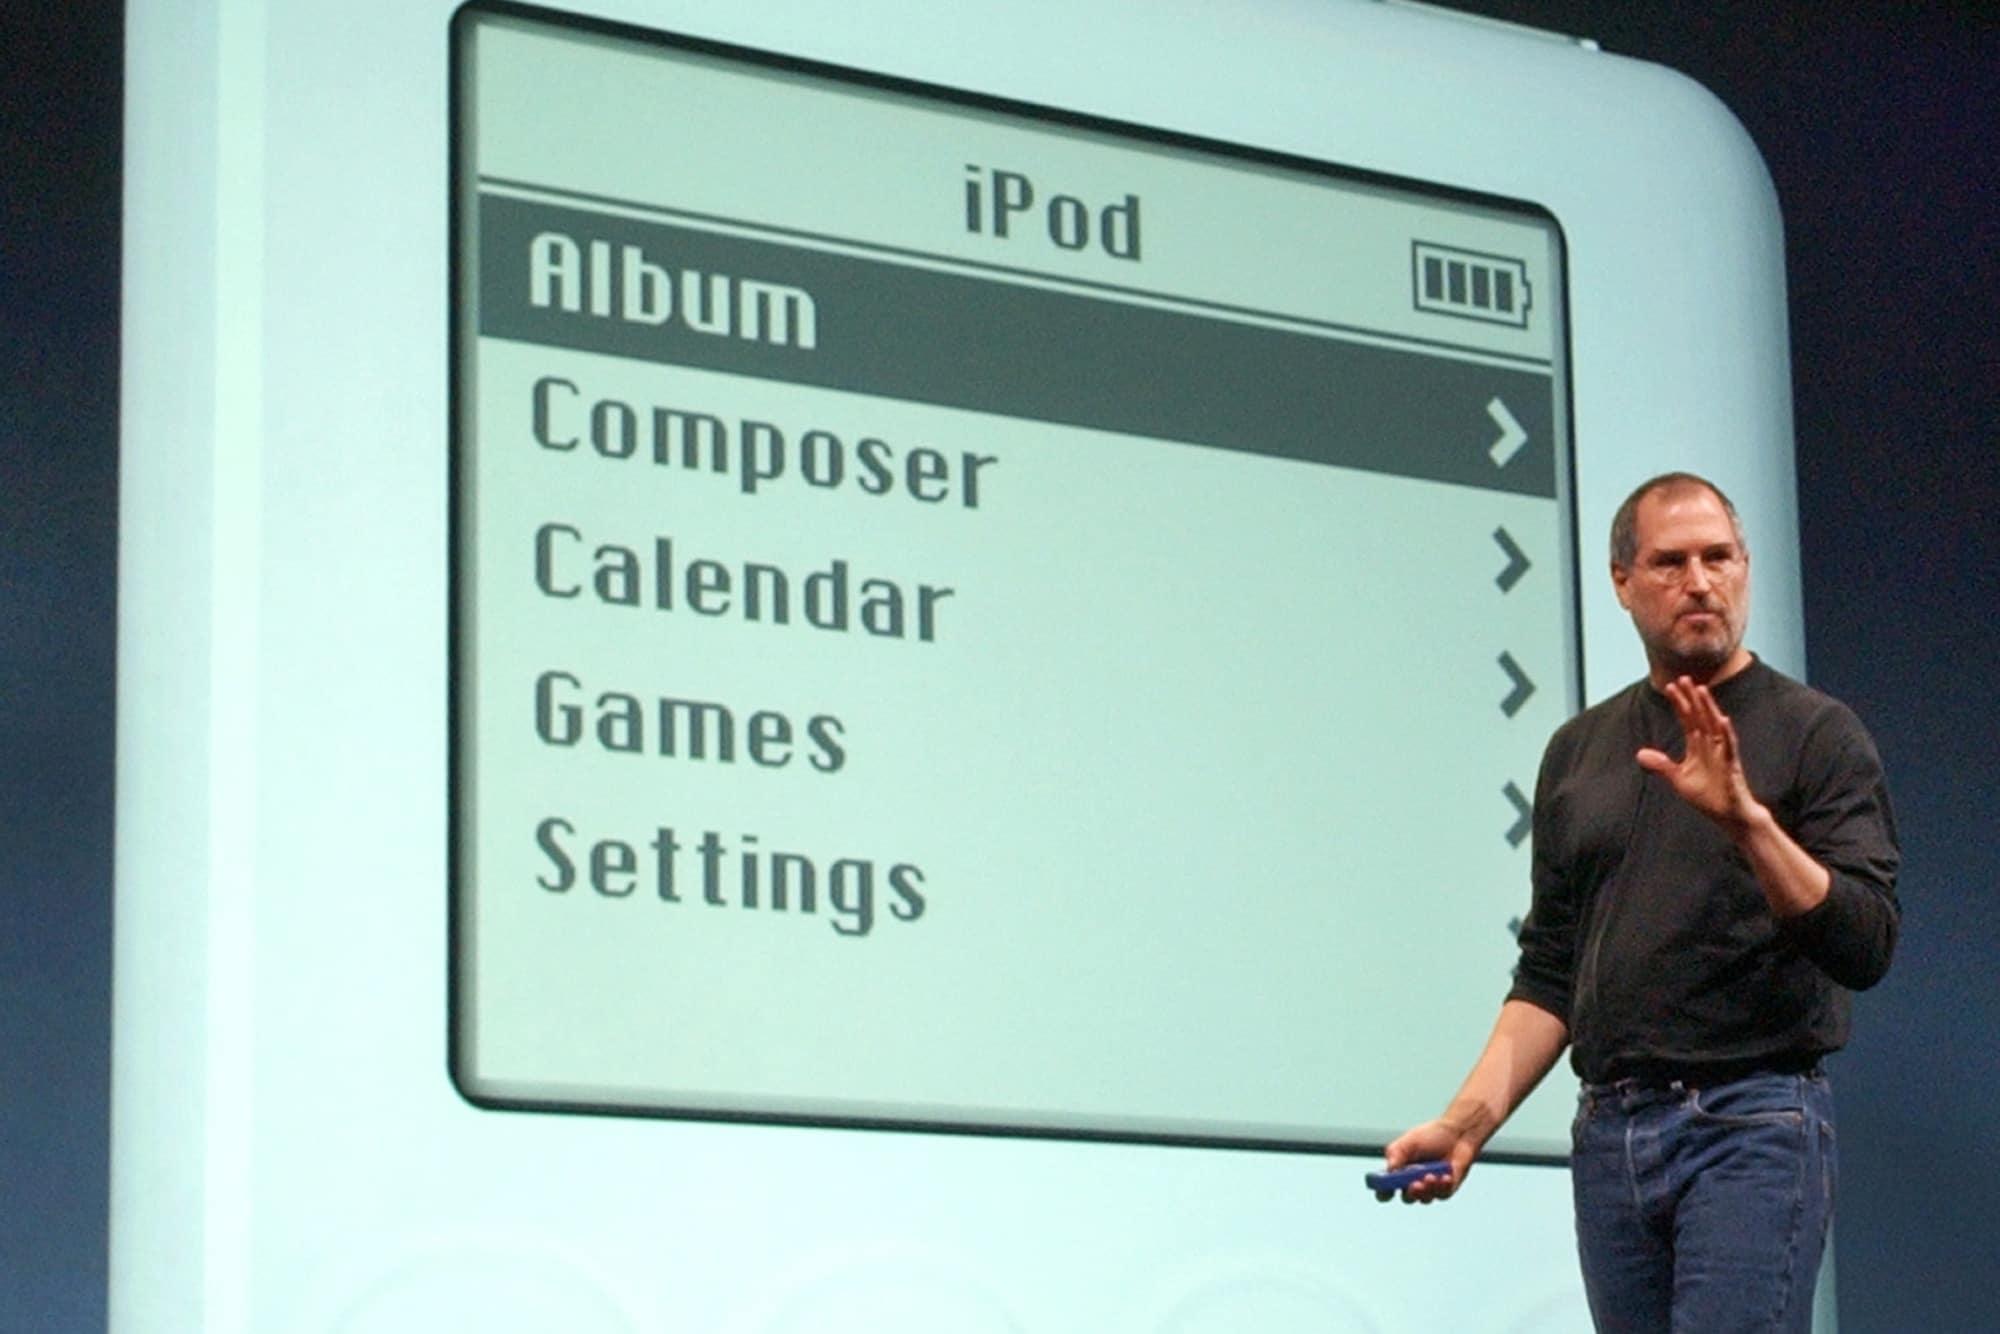 Steve Jobs em evento da Apple, falando sobre o iPod